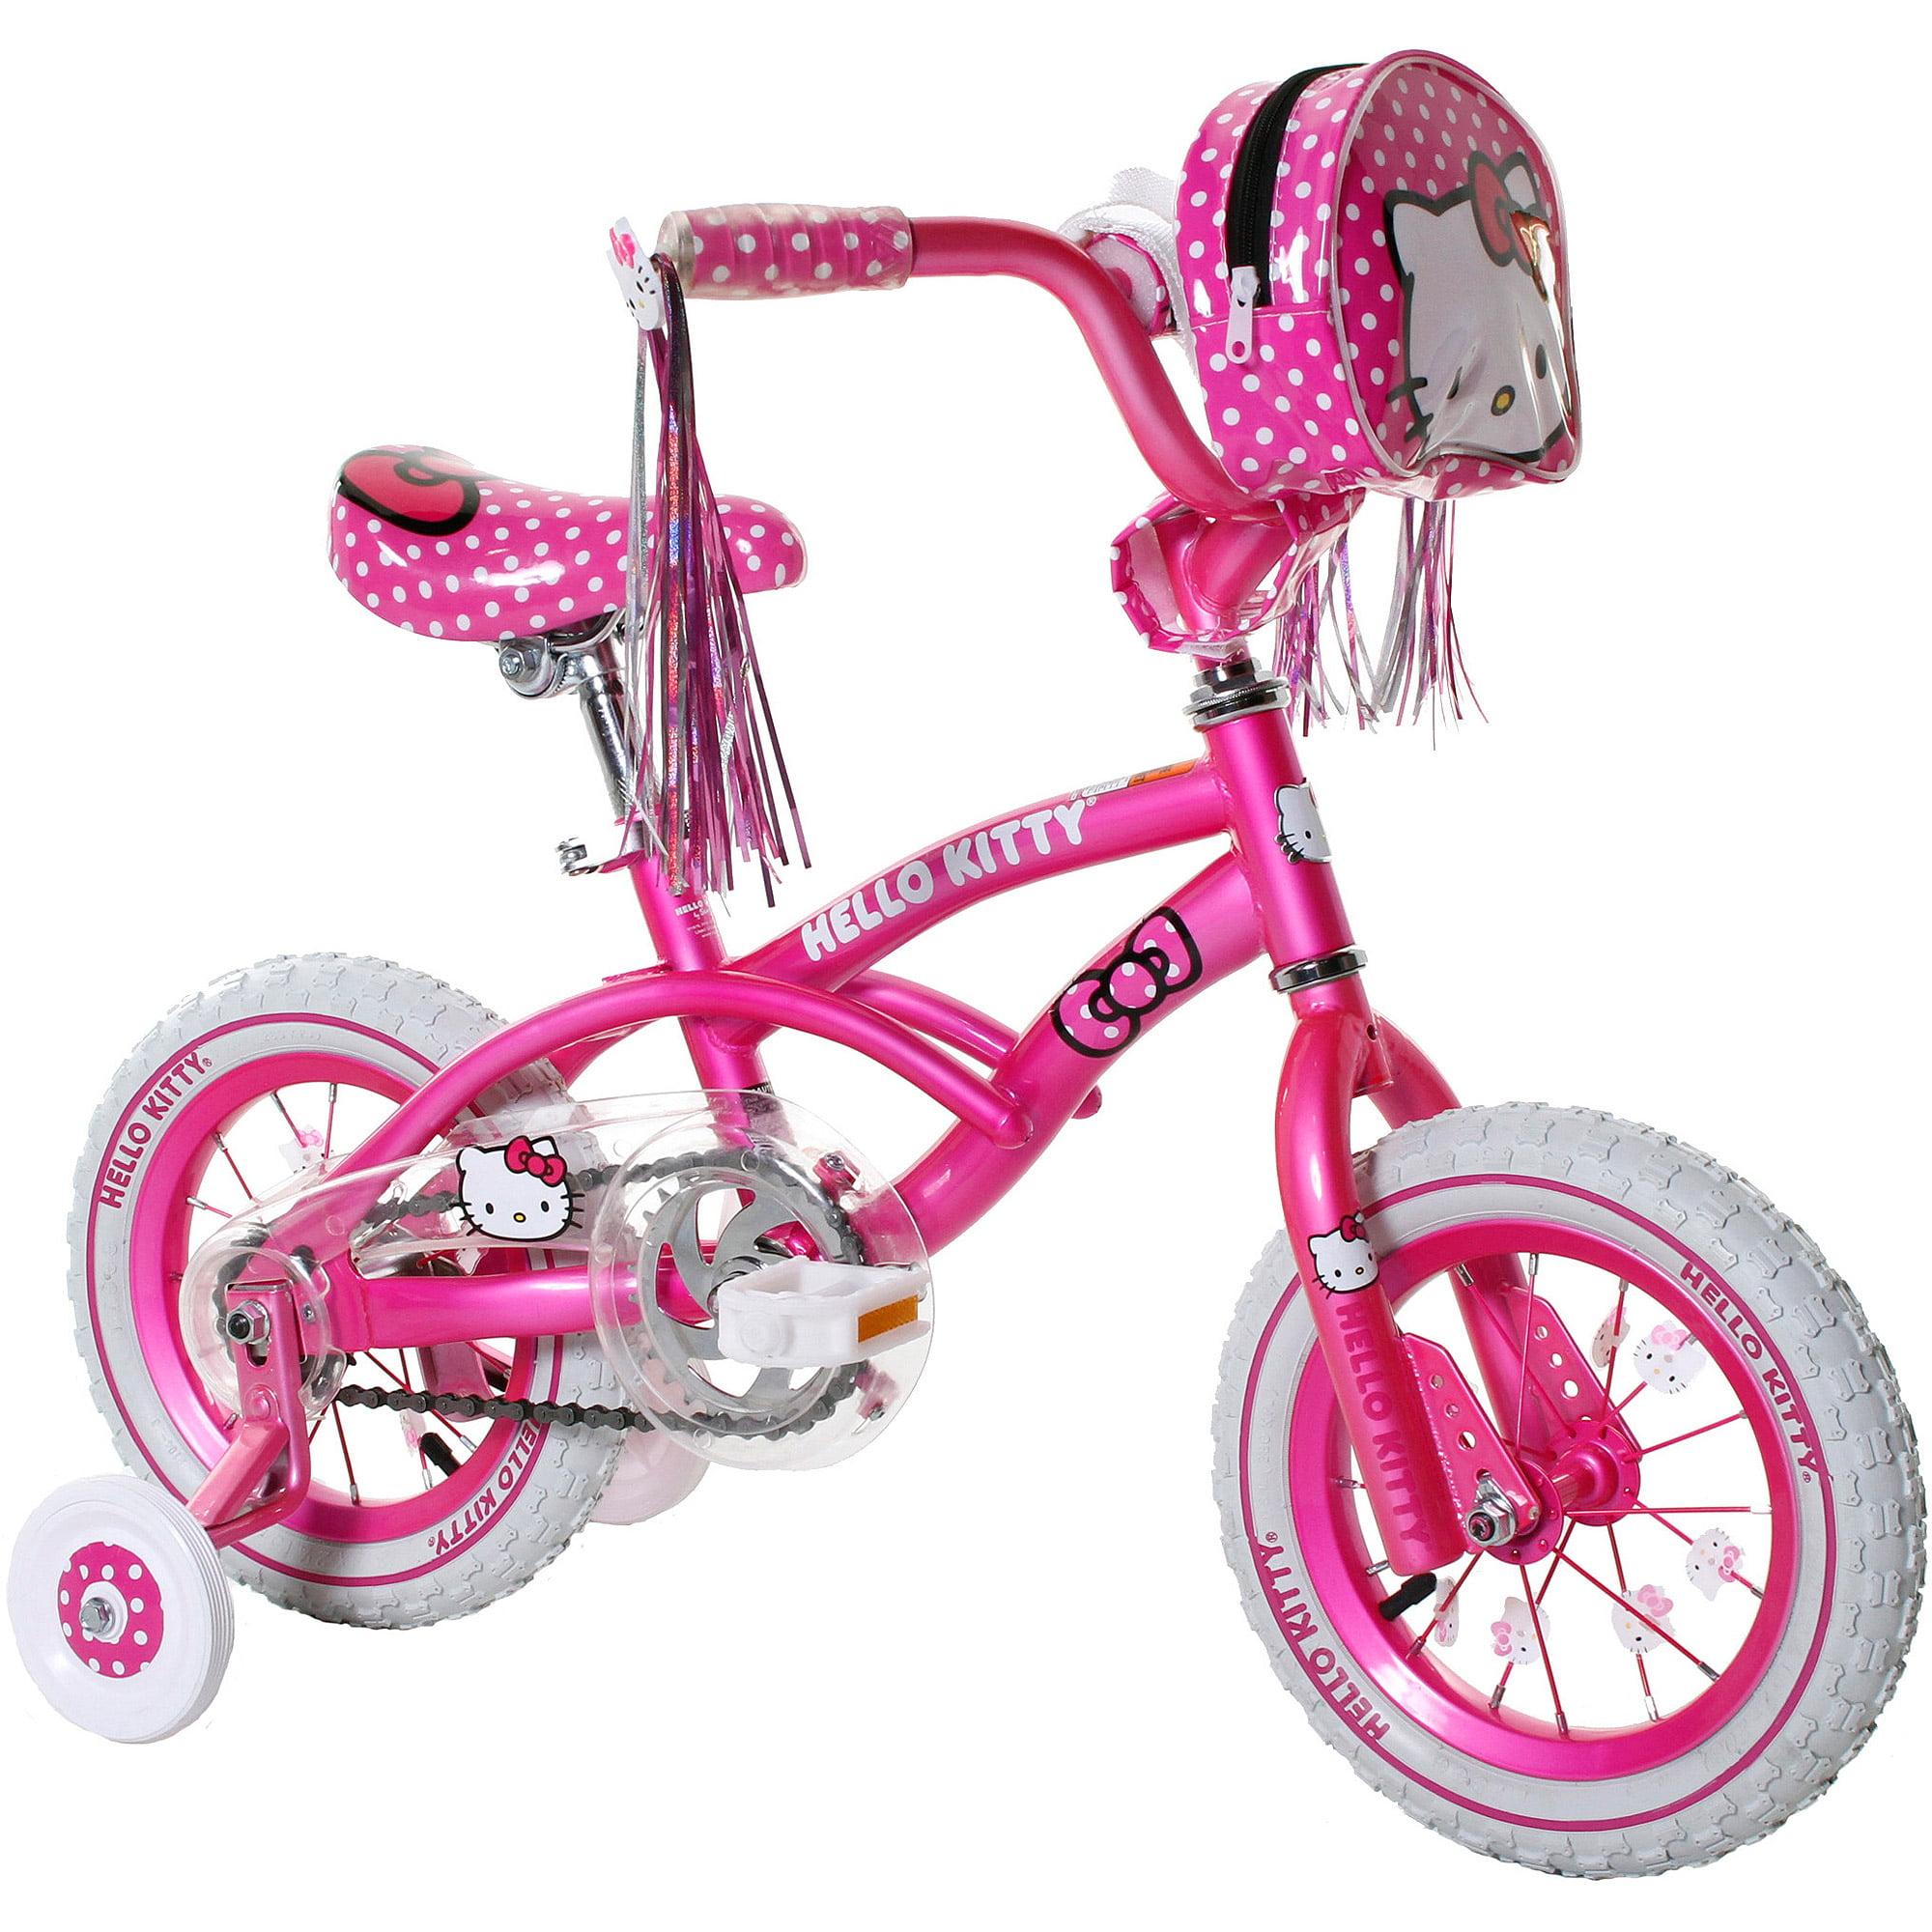 12 Hello Kitty Girls Bike Pink